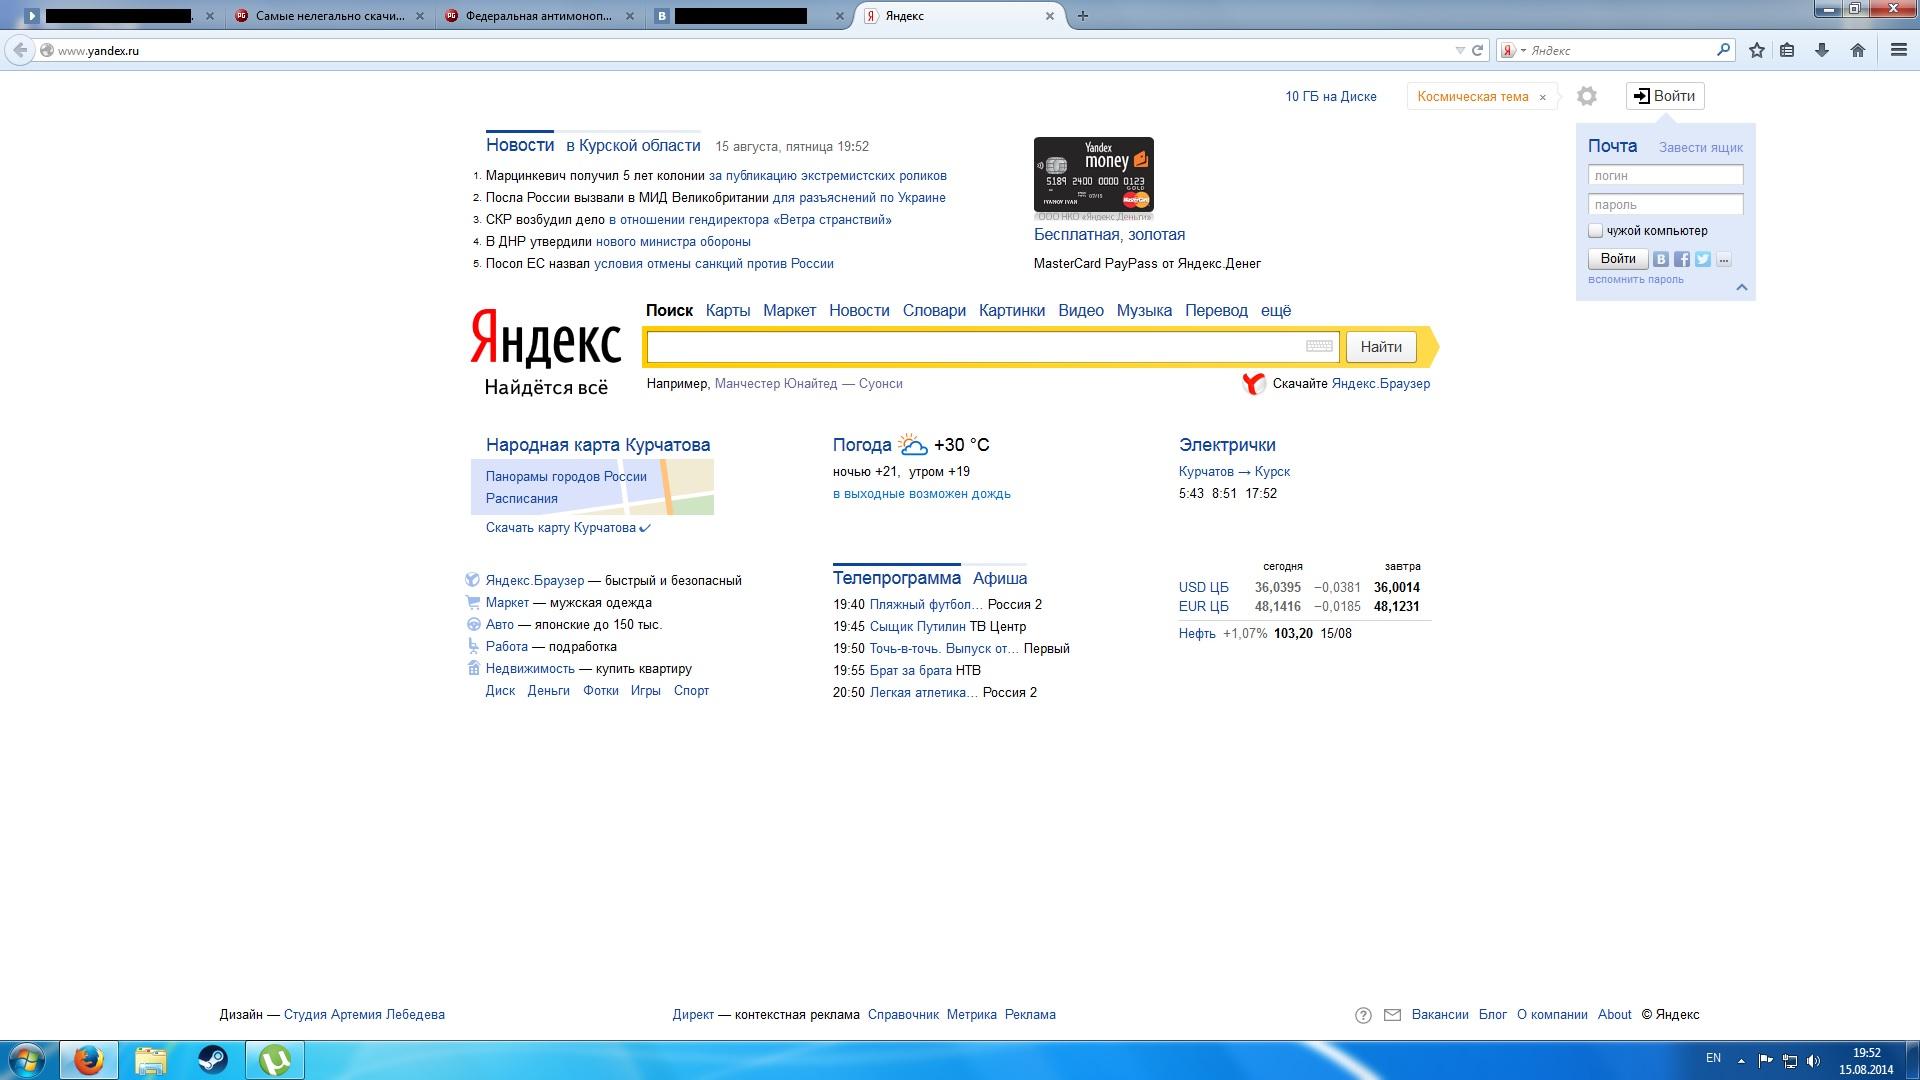 Как сделать сайт в яндекс диске